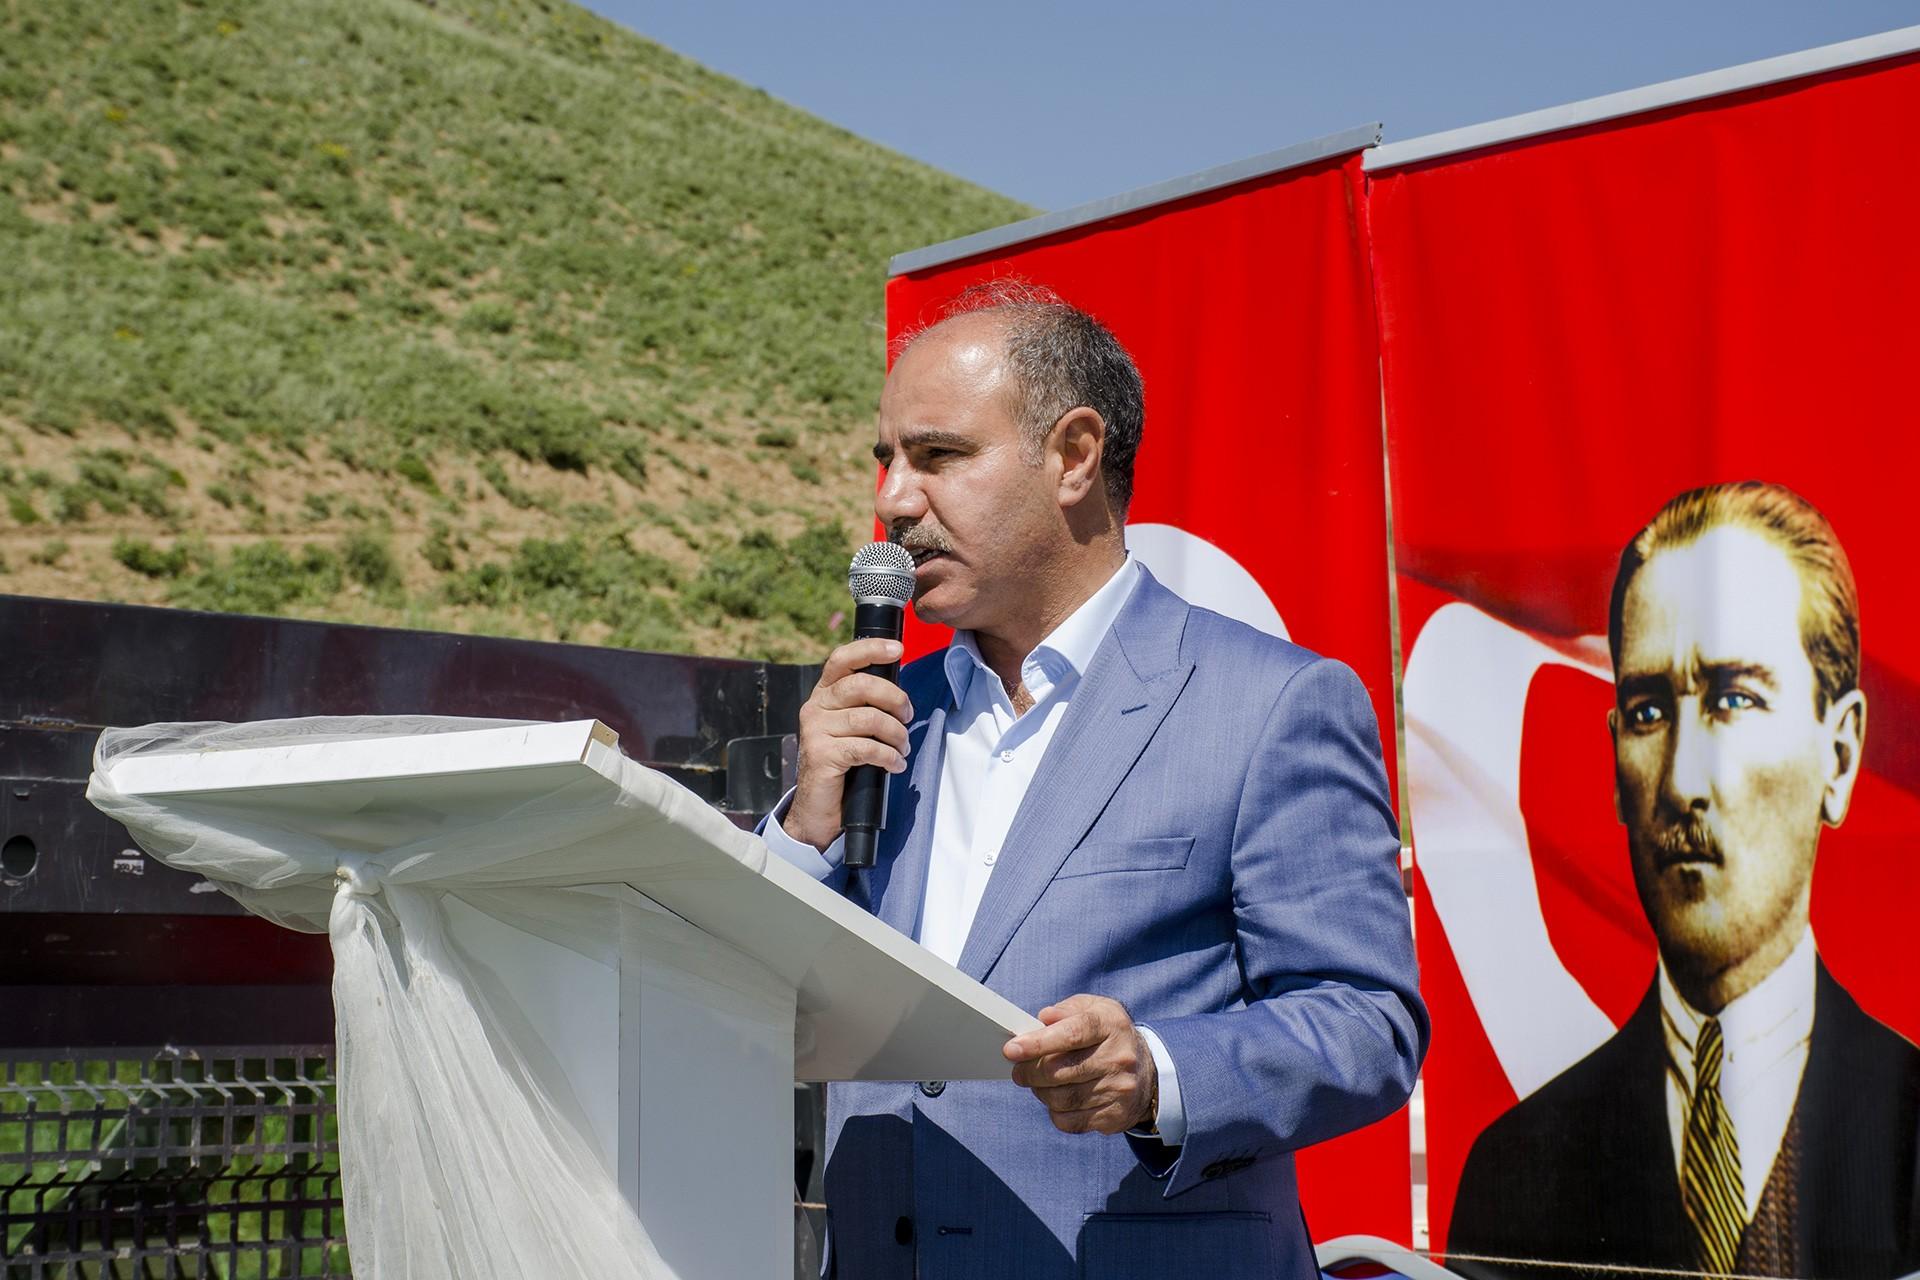 Şırnak Valisi Mehmet Aktaş, Emniyet Genel Müdürlüğüne getirildi